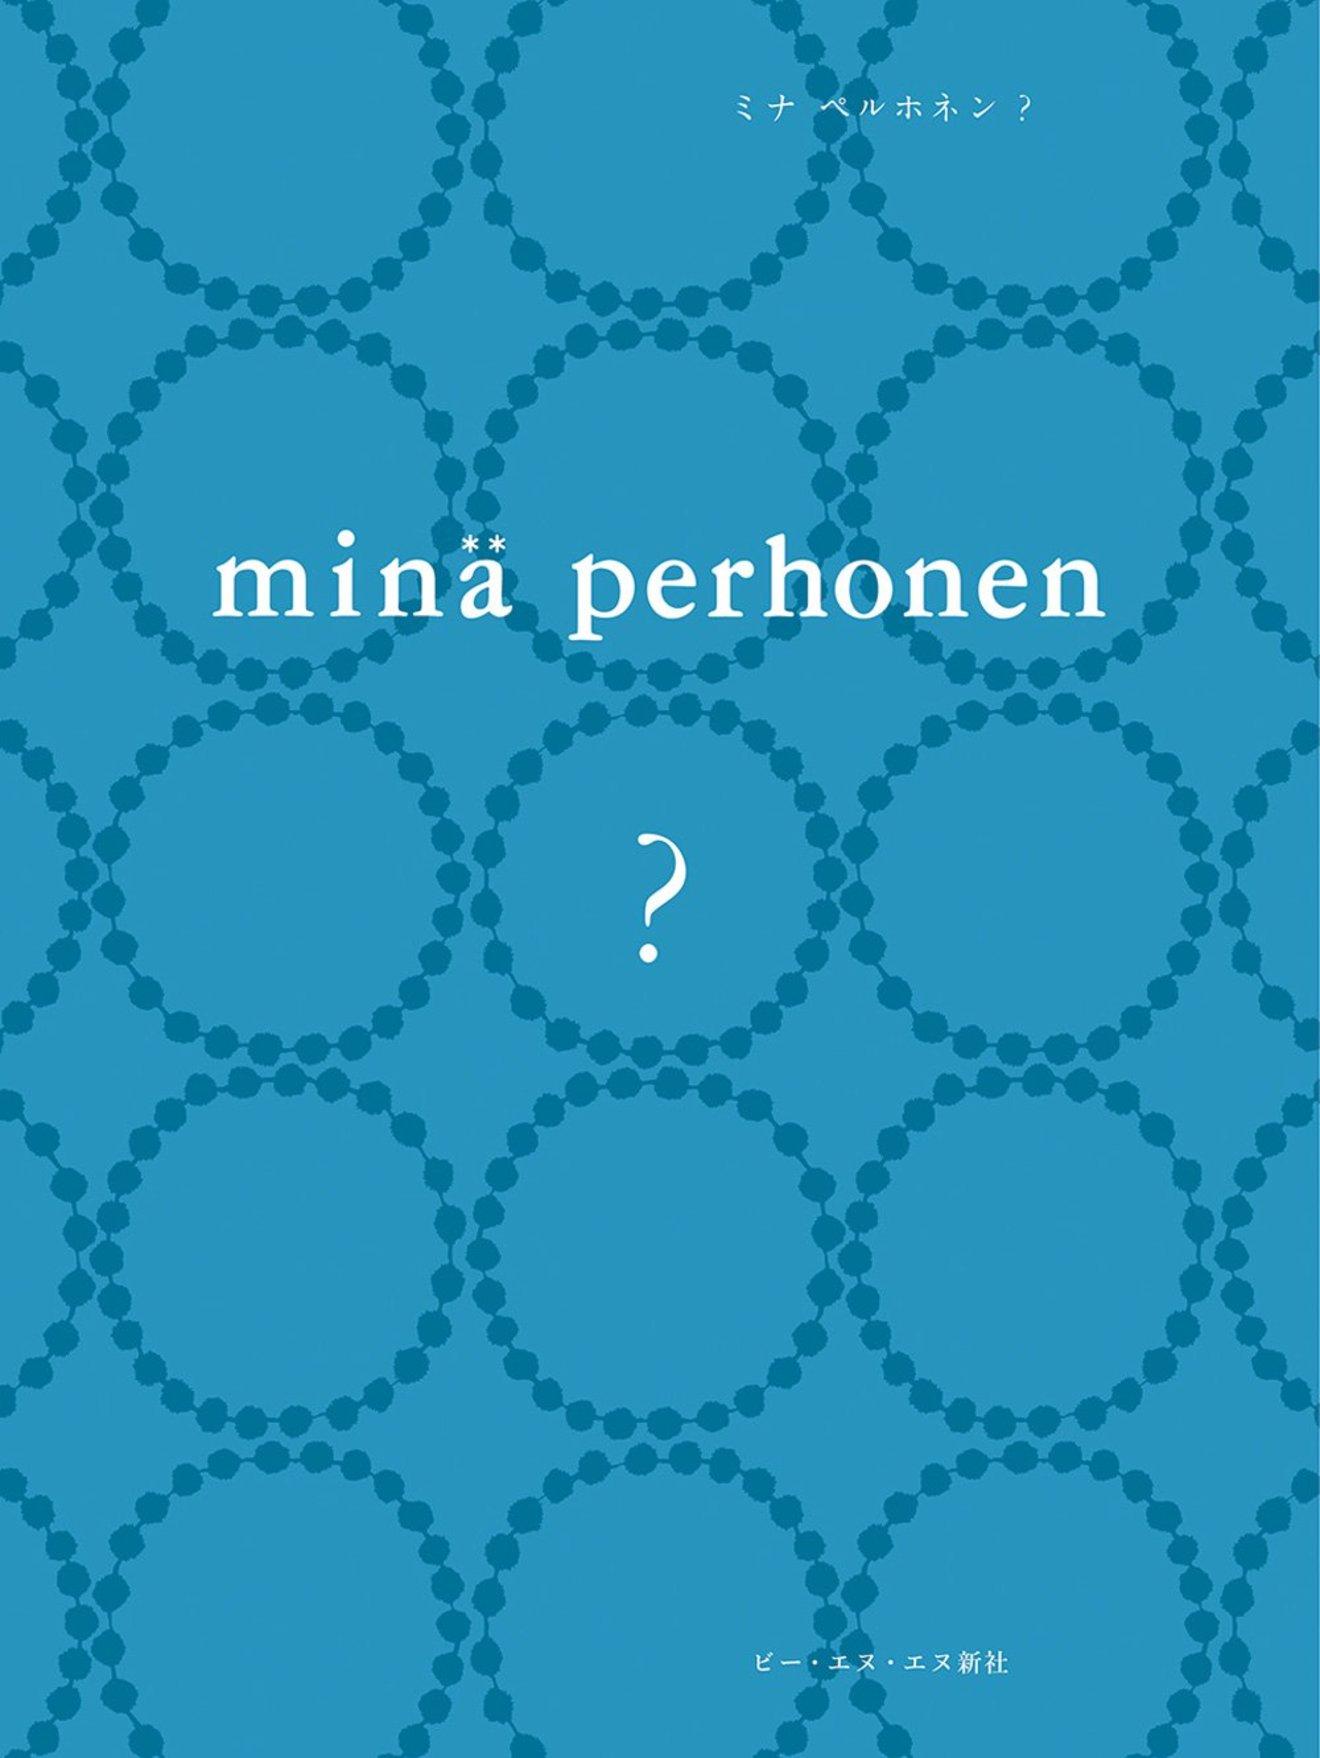 皆川明のおすすめ本5選!「ミナ ペルホネン」を設立したデザイナー